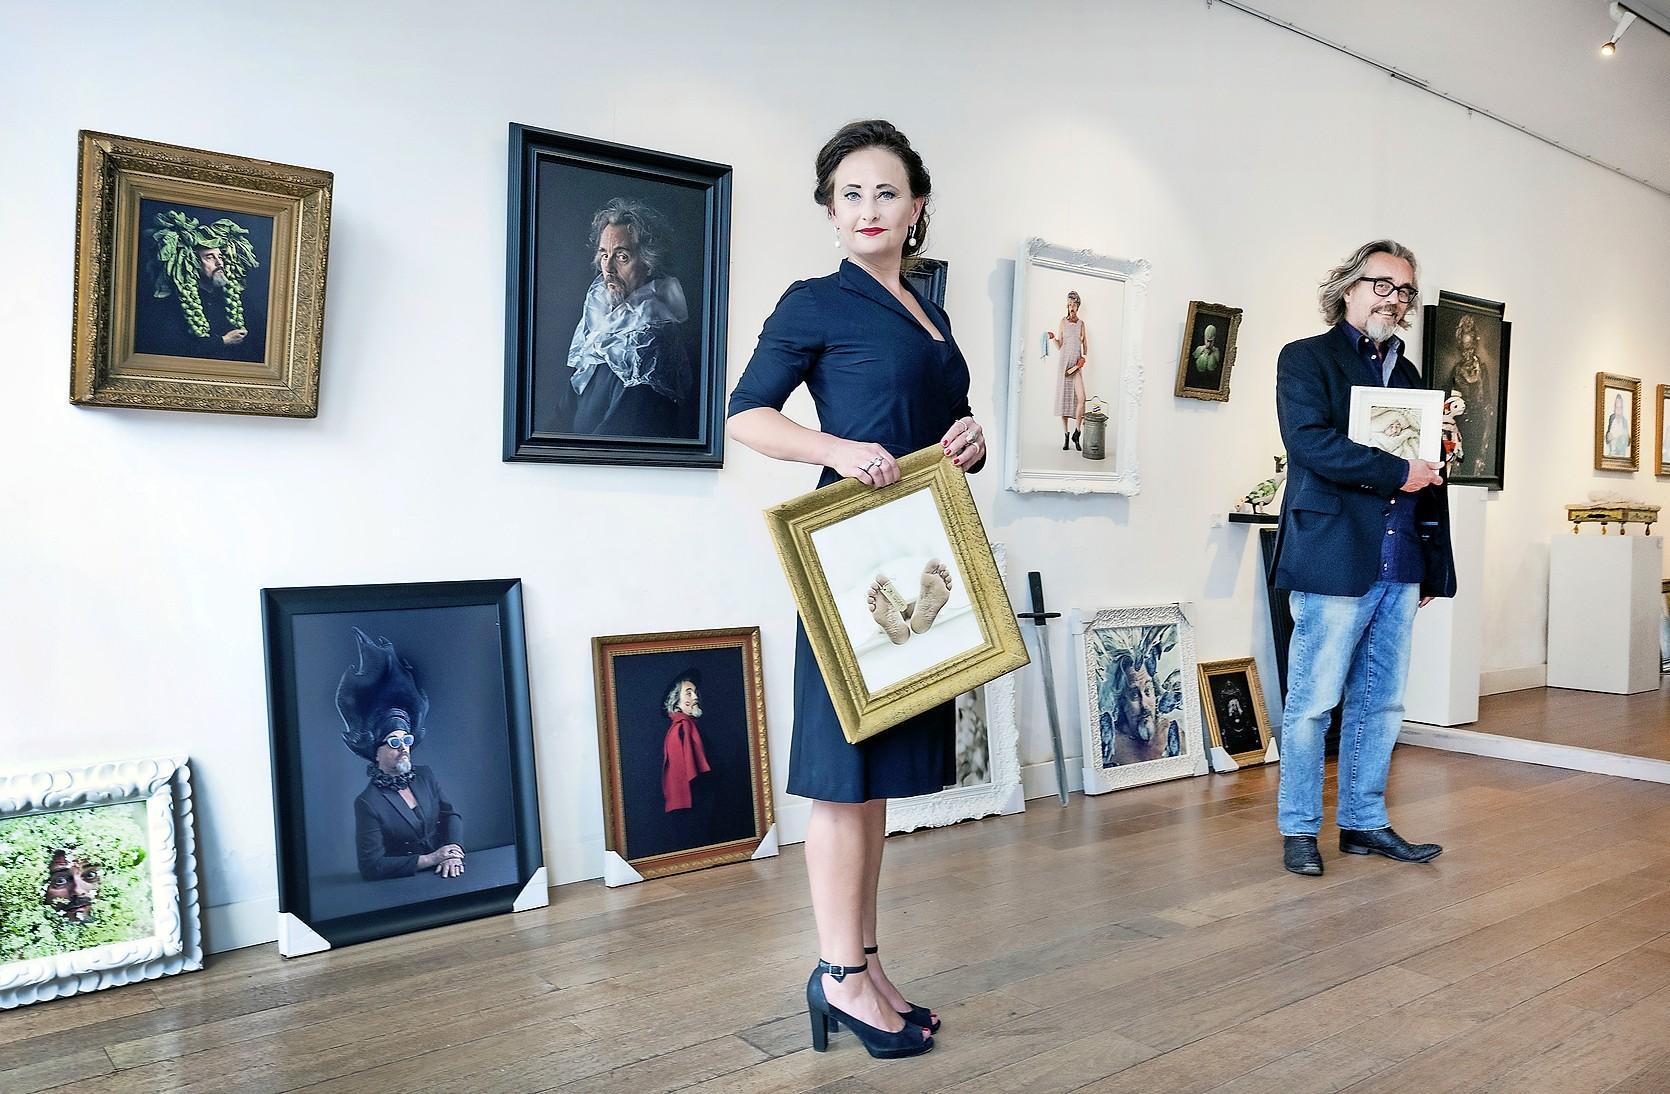 Vanuit angst om te verliezen legt Ursula van de Bunte partner Paul Rooyackers honderd maal vast